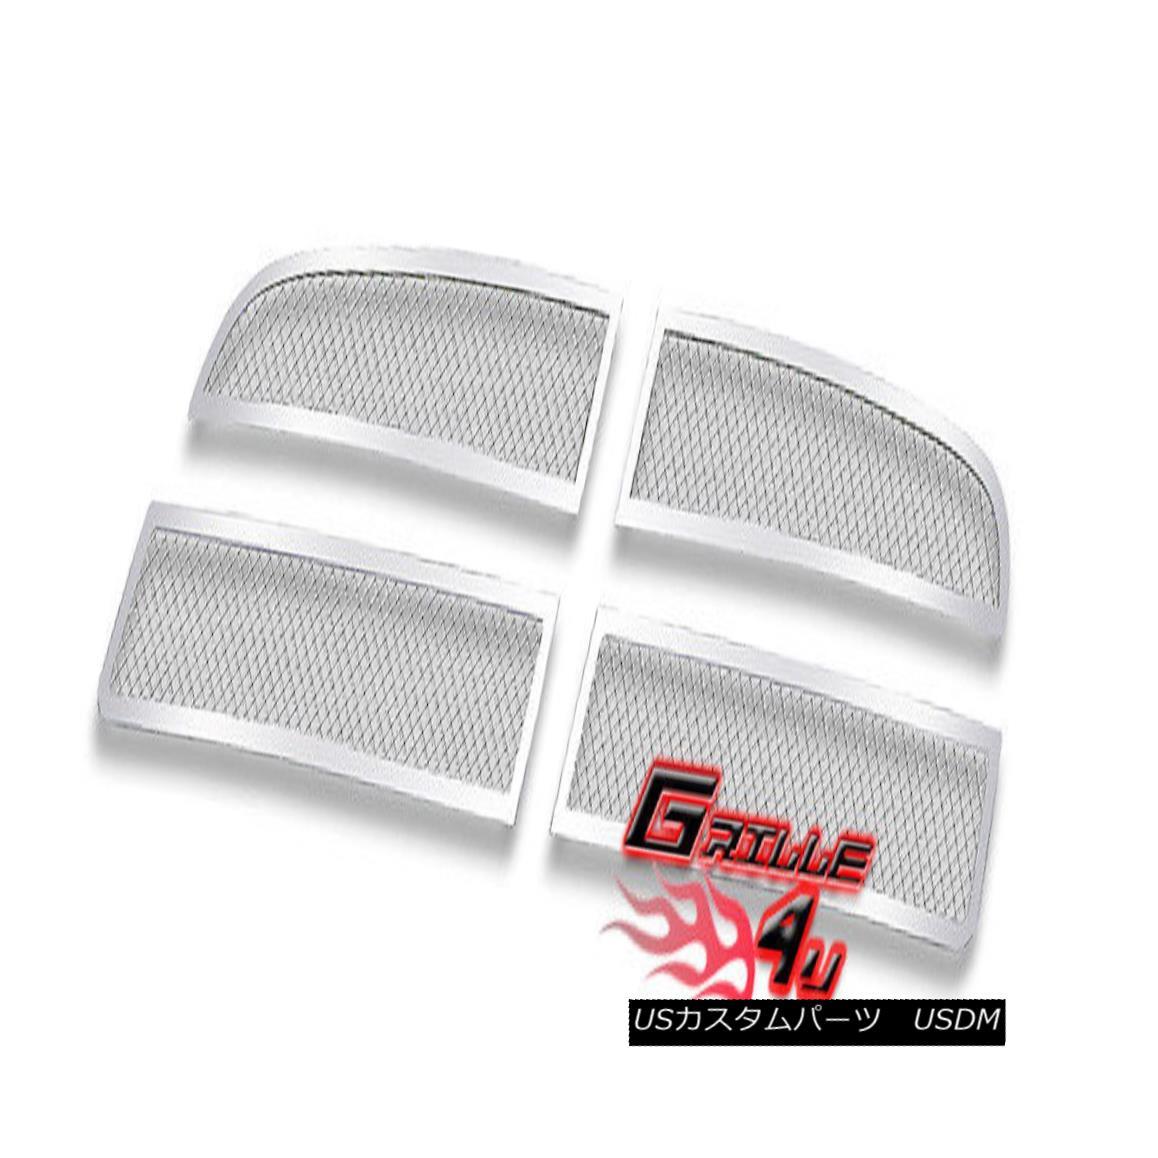 グリル For 05-10 Dodge Charger Stainless Steel Mesh Premium Grille Insert 05-10ダッジチャージャー用ステンレスメッシュプレミアムグリルインサート